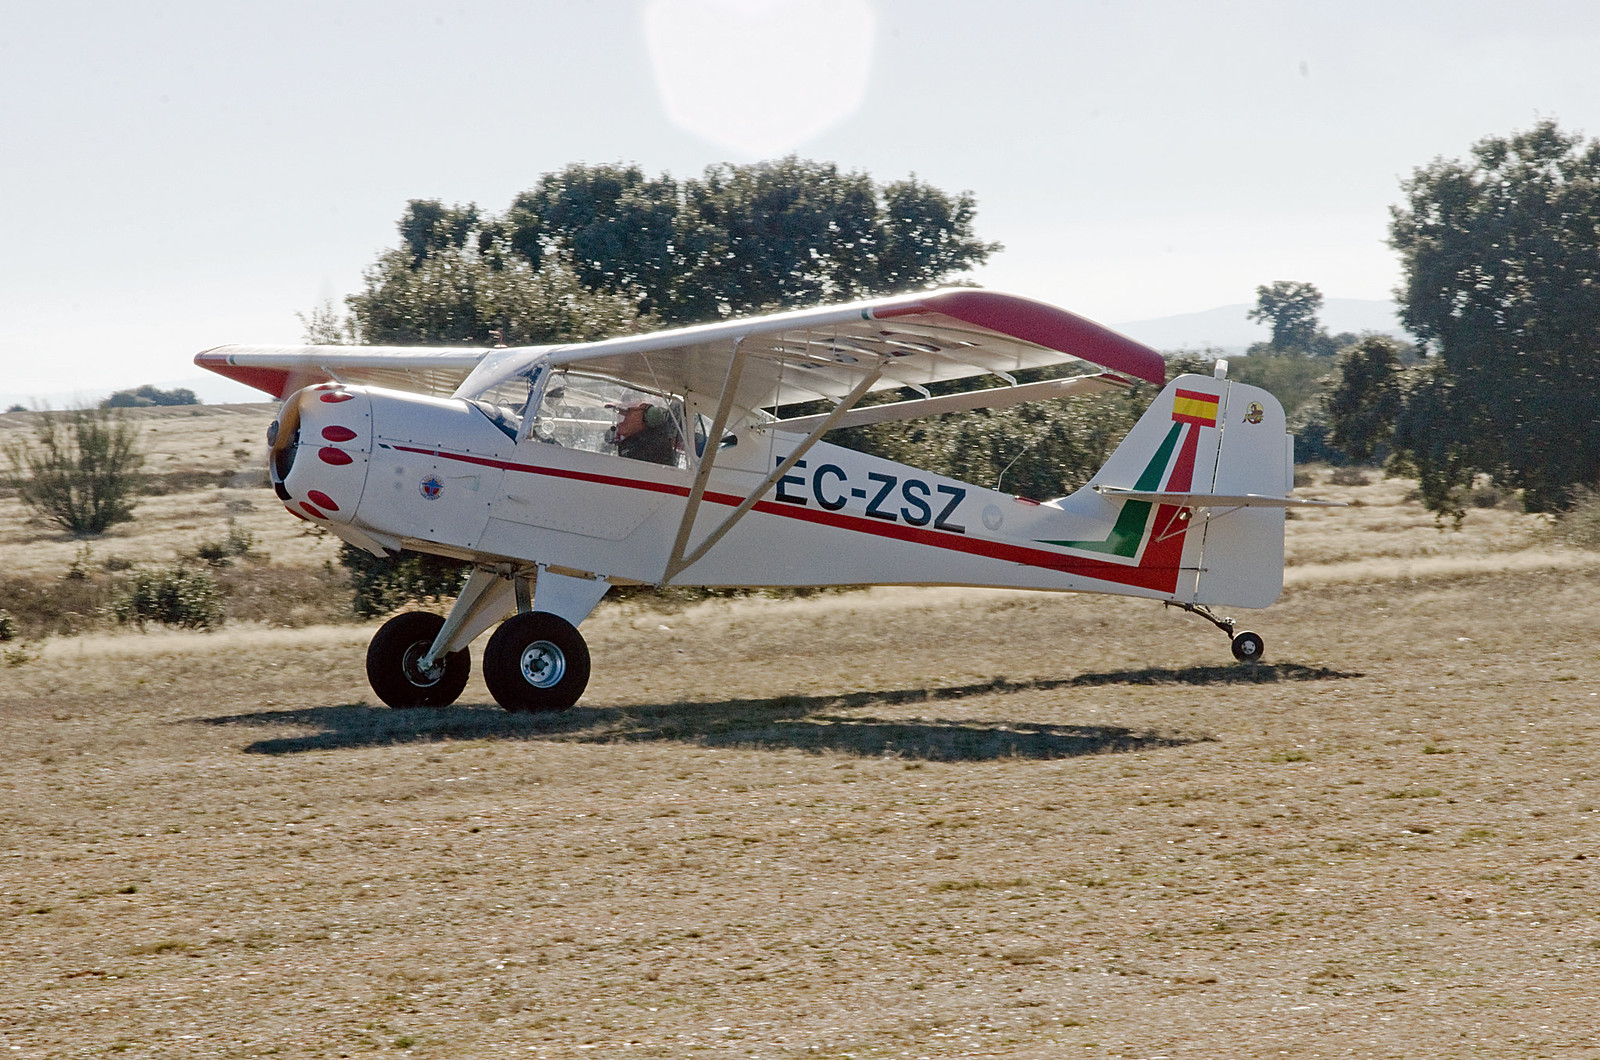 Vuelo Roberto Jabiru UL-450 Aerodromo Kitfox vuelo Astorga (129)